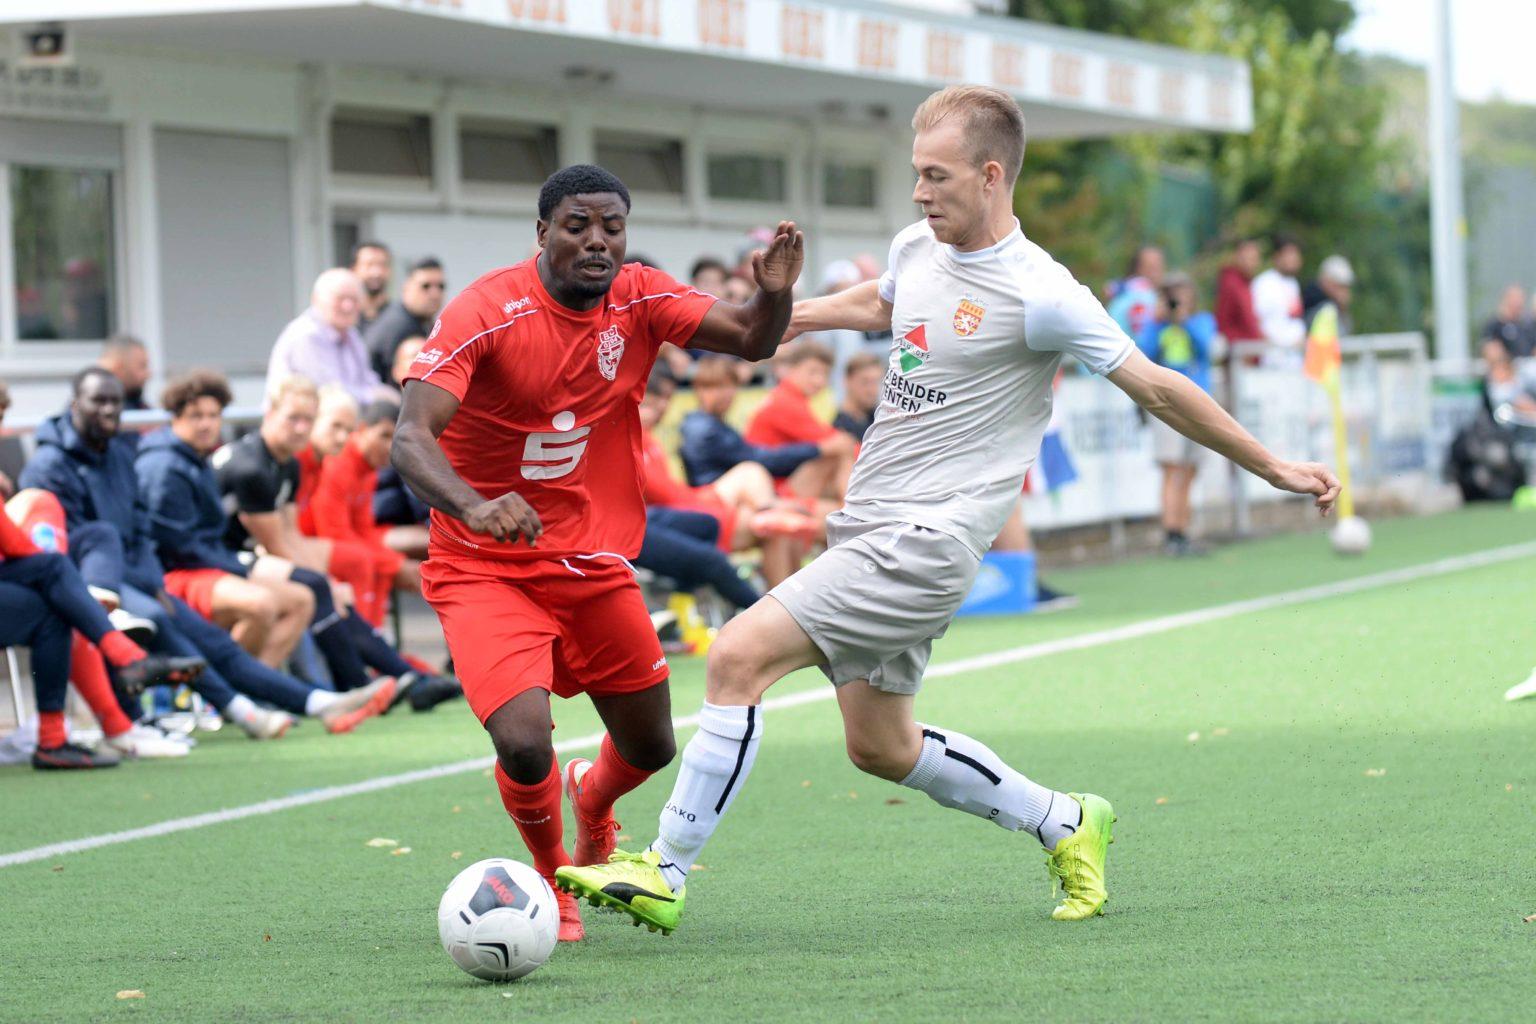 DSC_0385 BSC 1 - VfL Alfter Francois Engolo + Tobias Berger